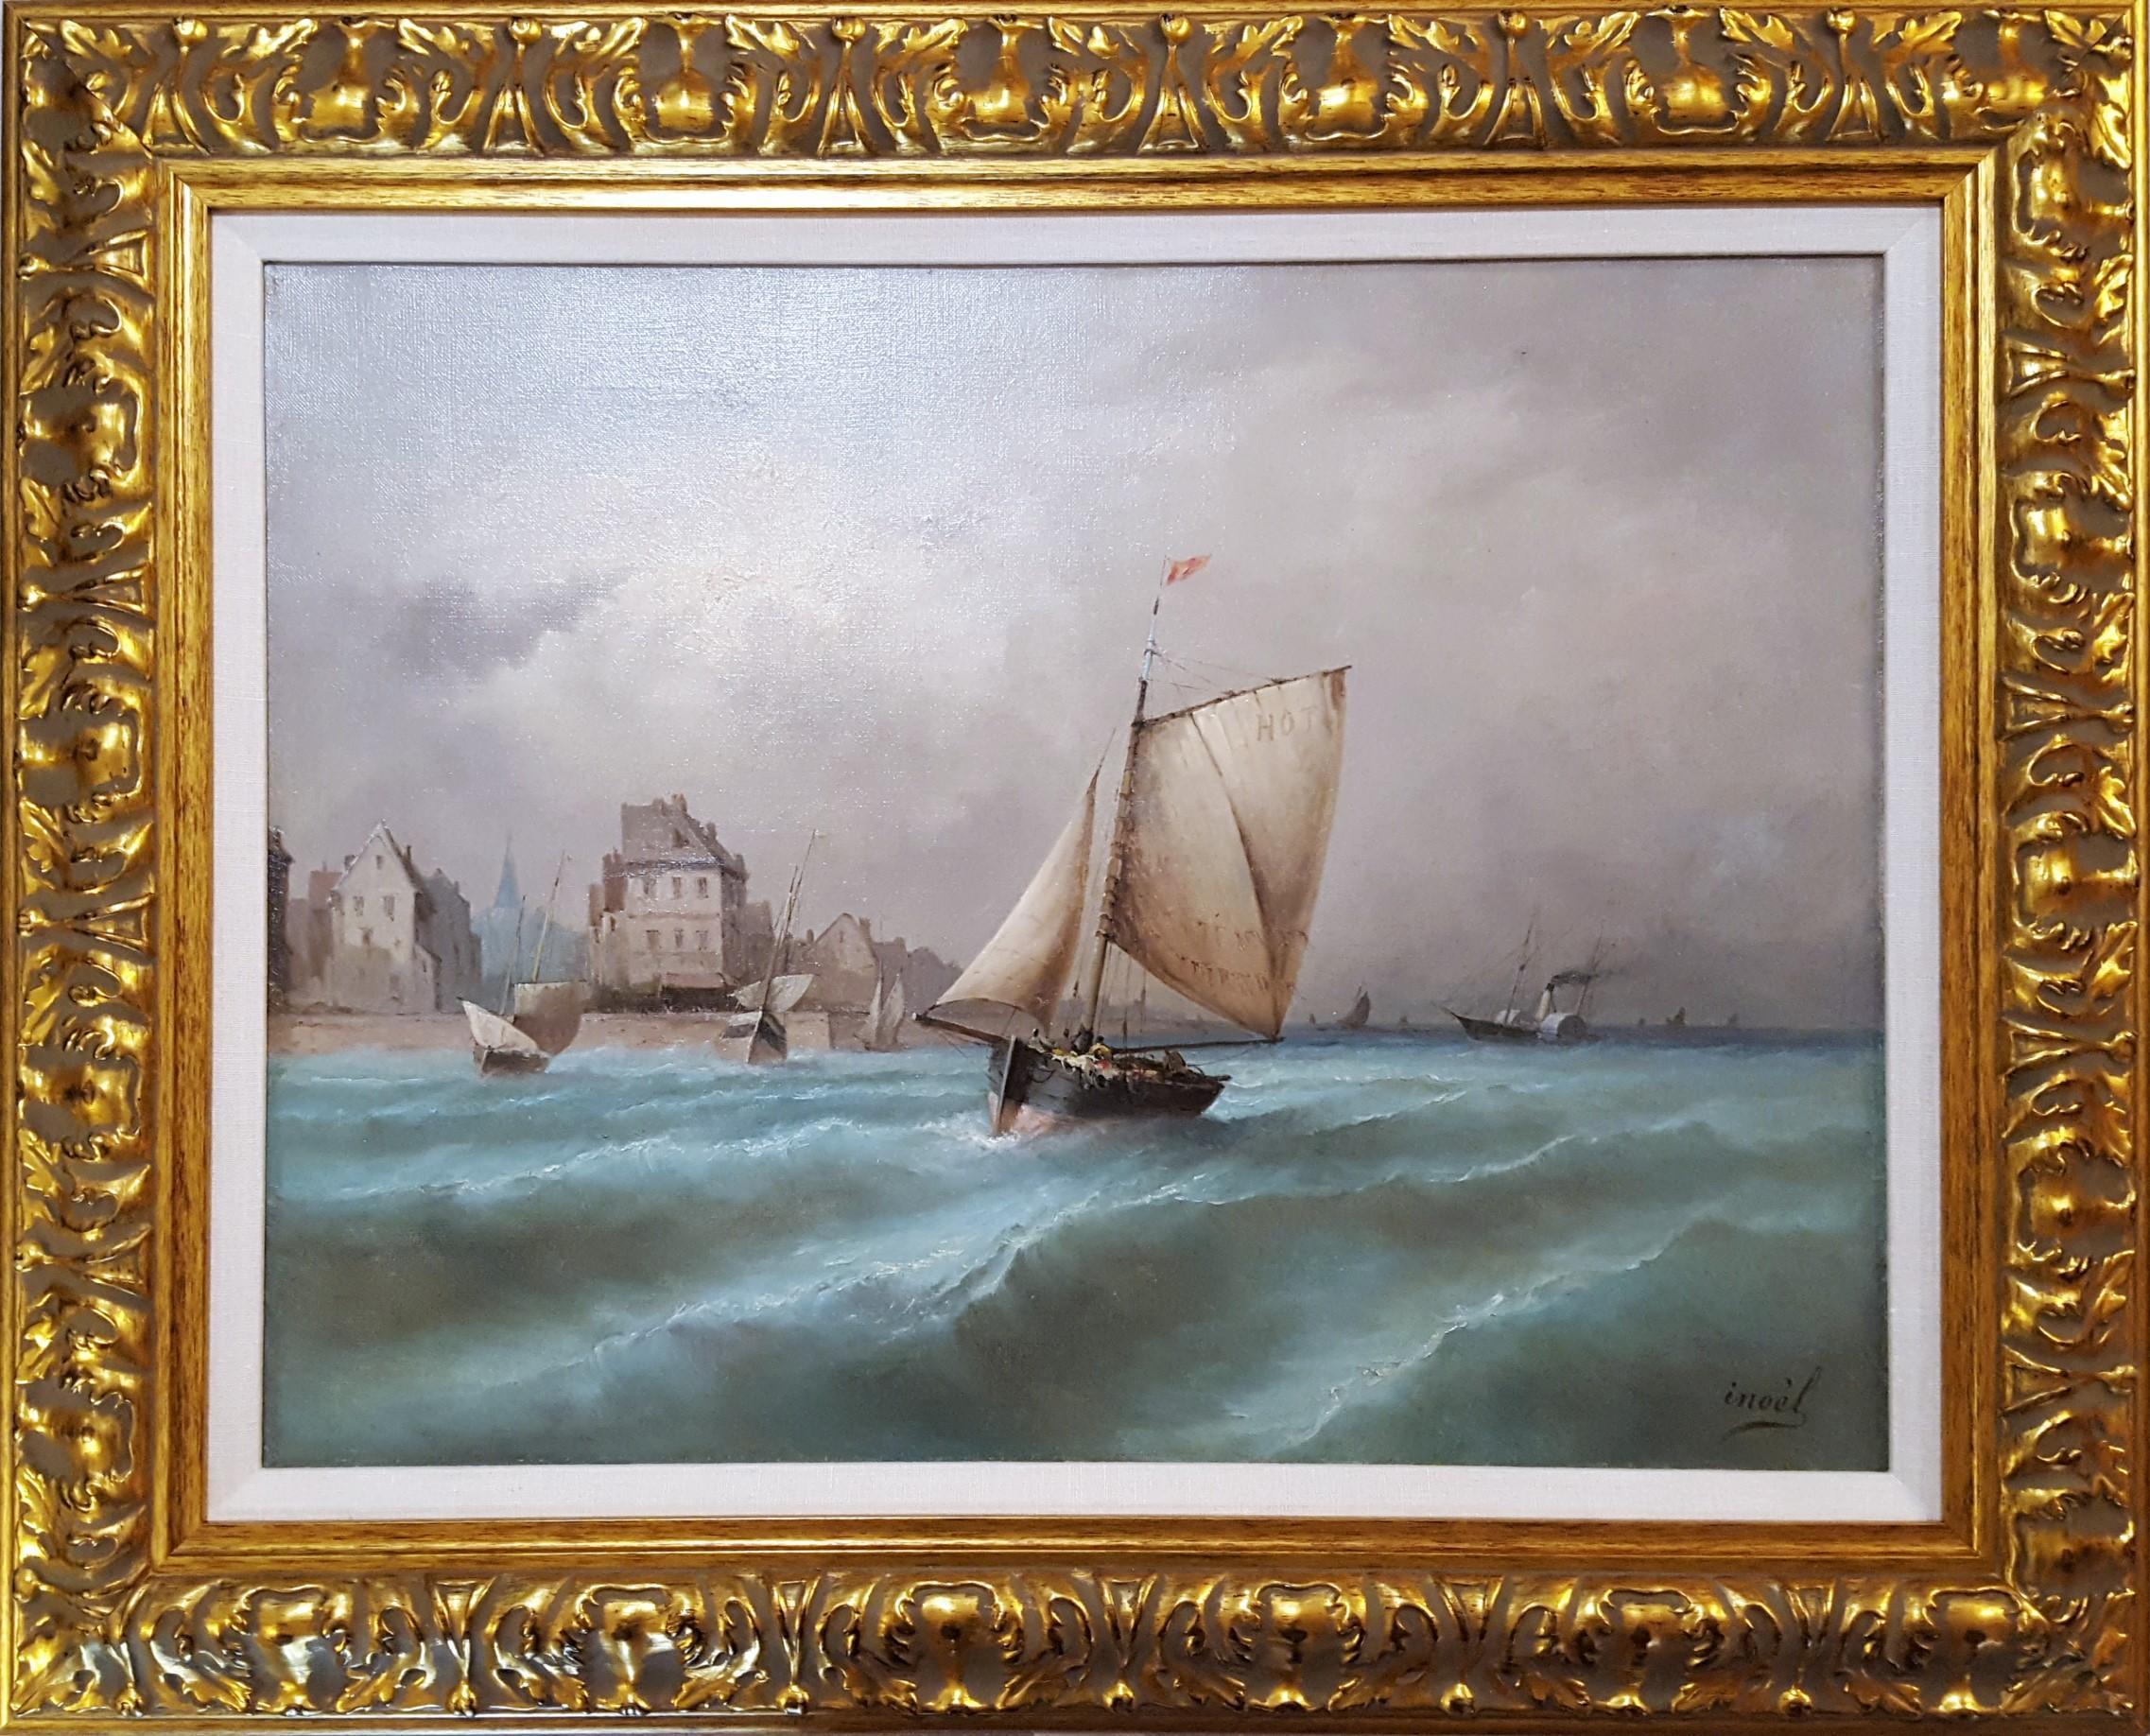 Vue de Venise (View of Venice)